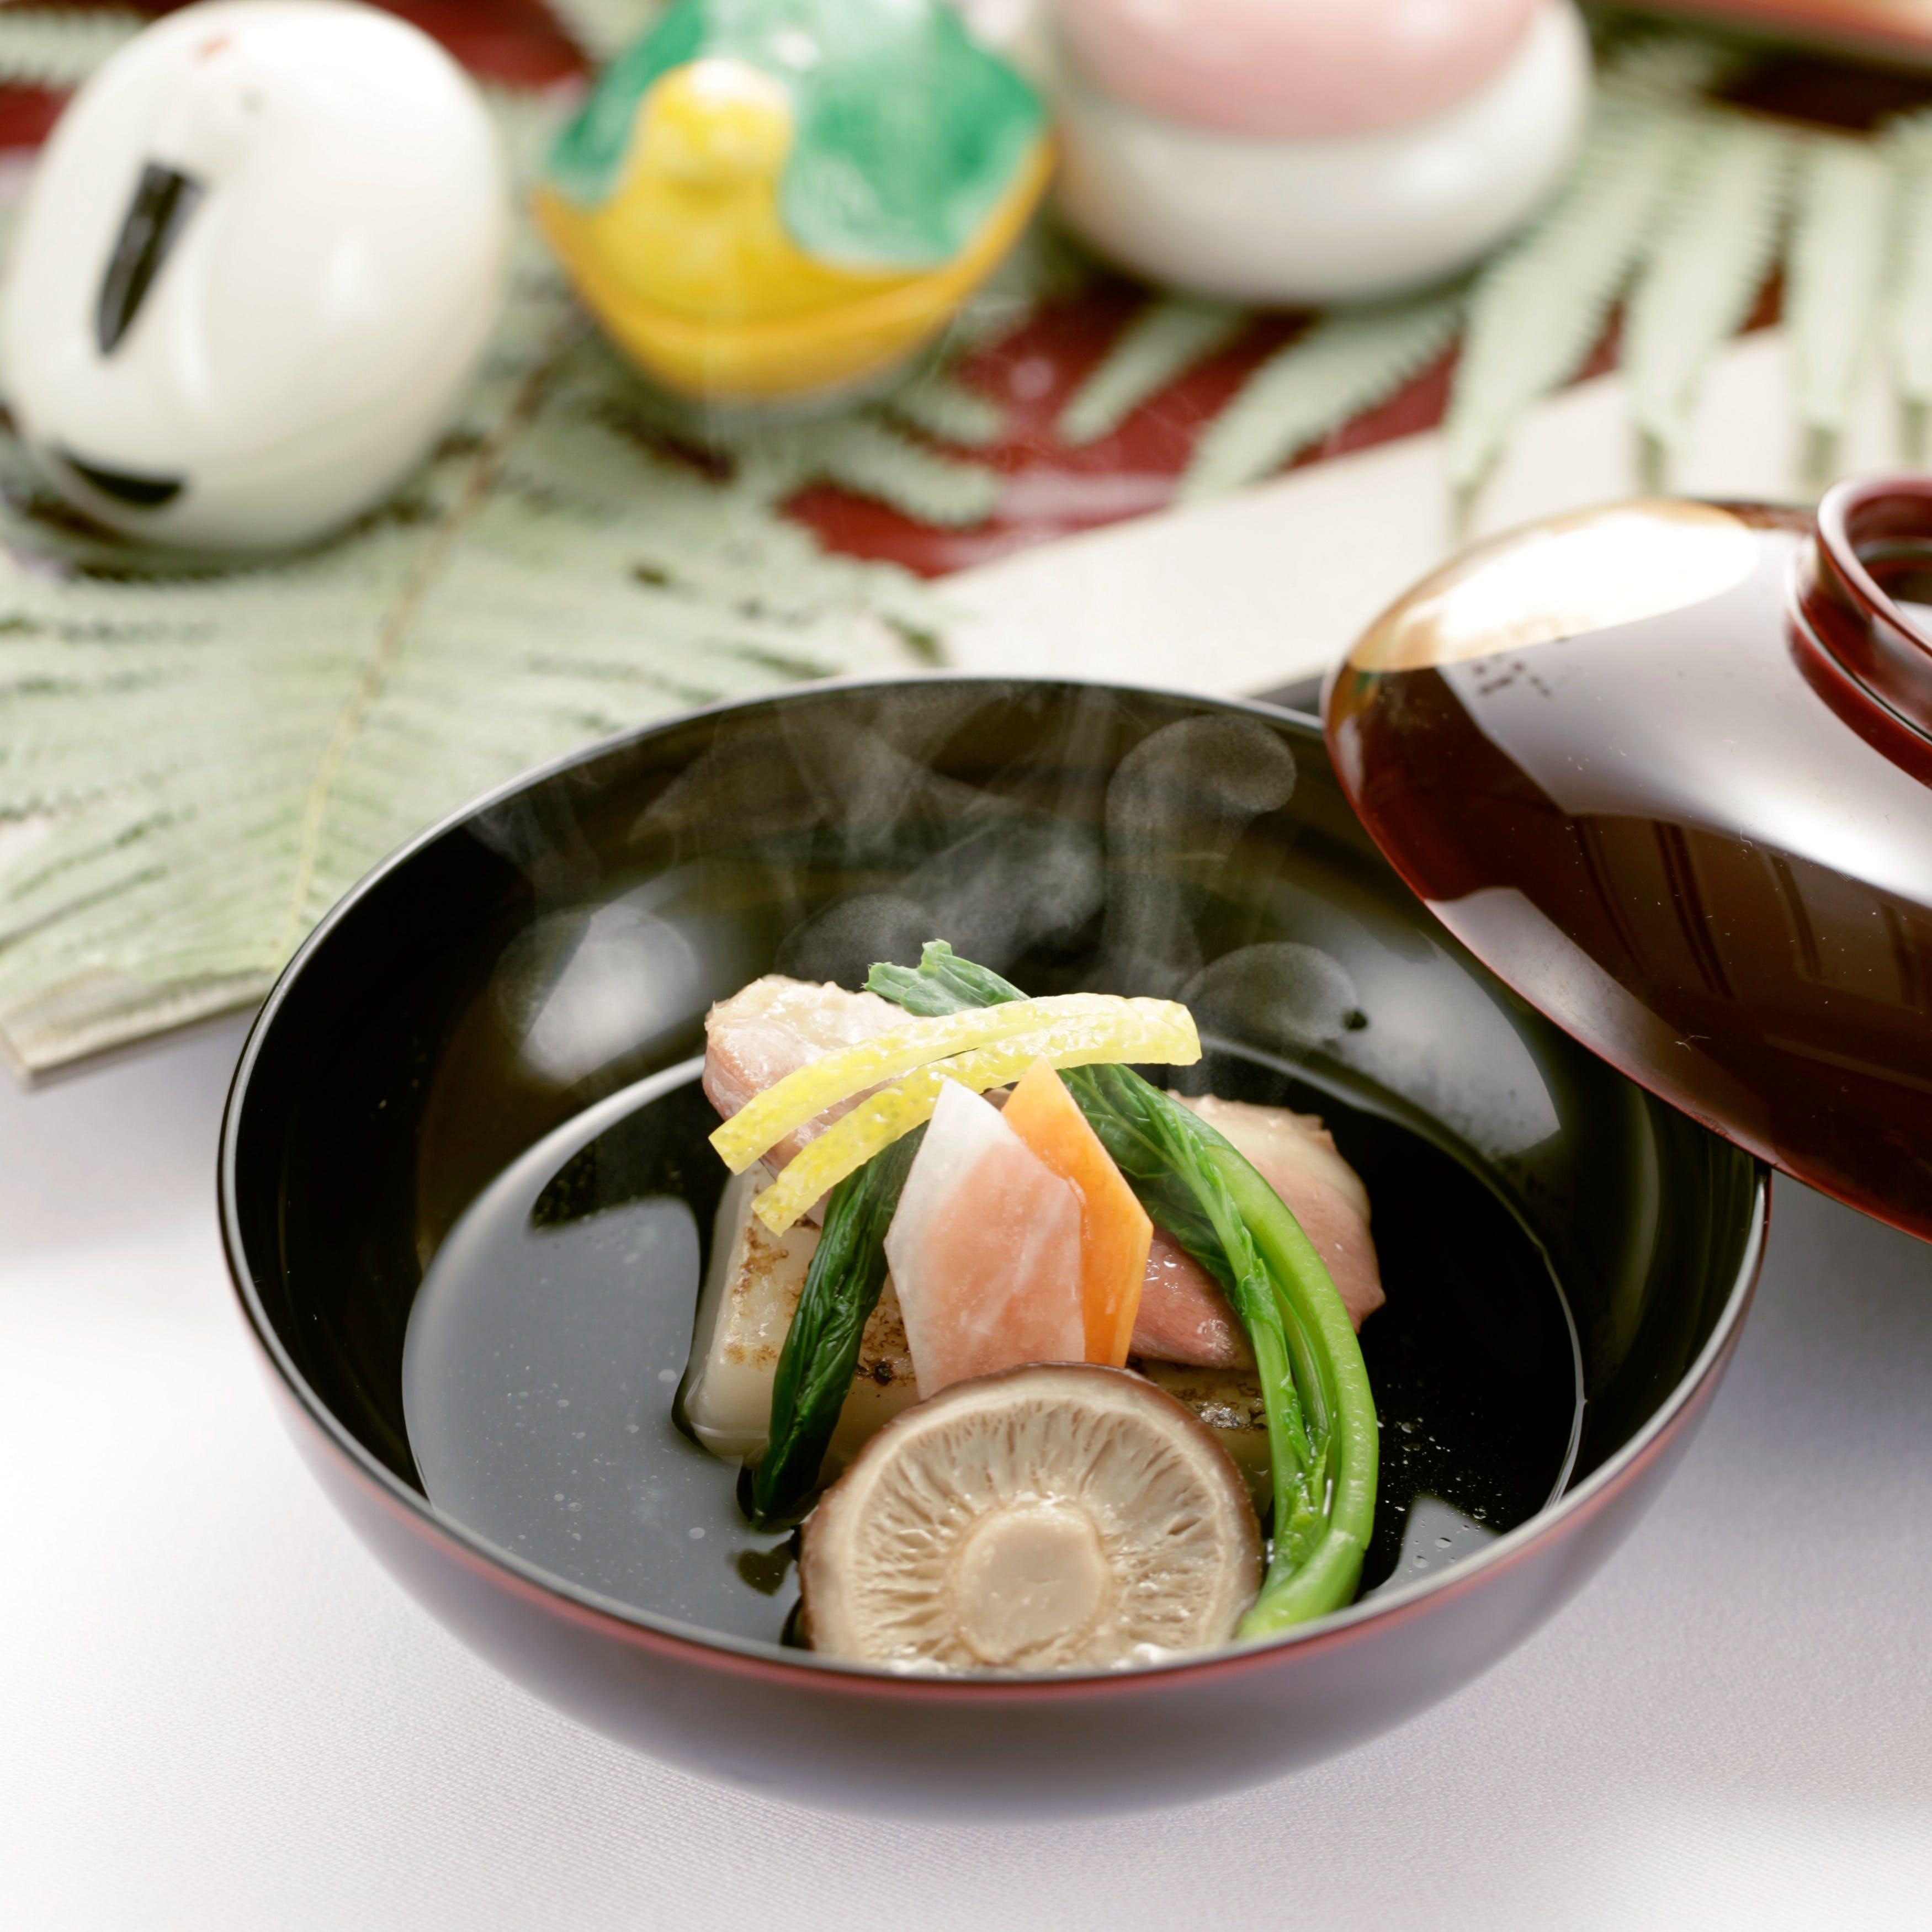 伝統の技法と現代的な料理スタイル。厳選された素材を艶やかに美味しく!